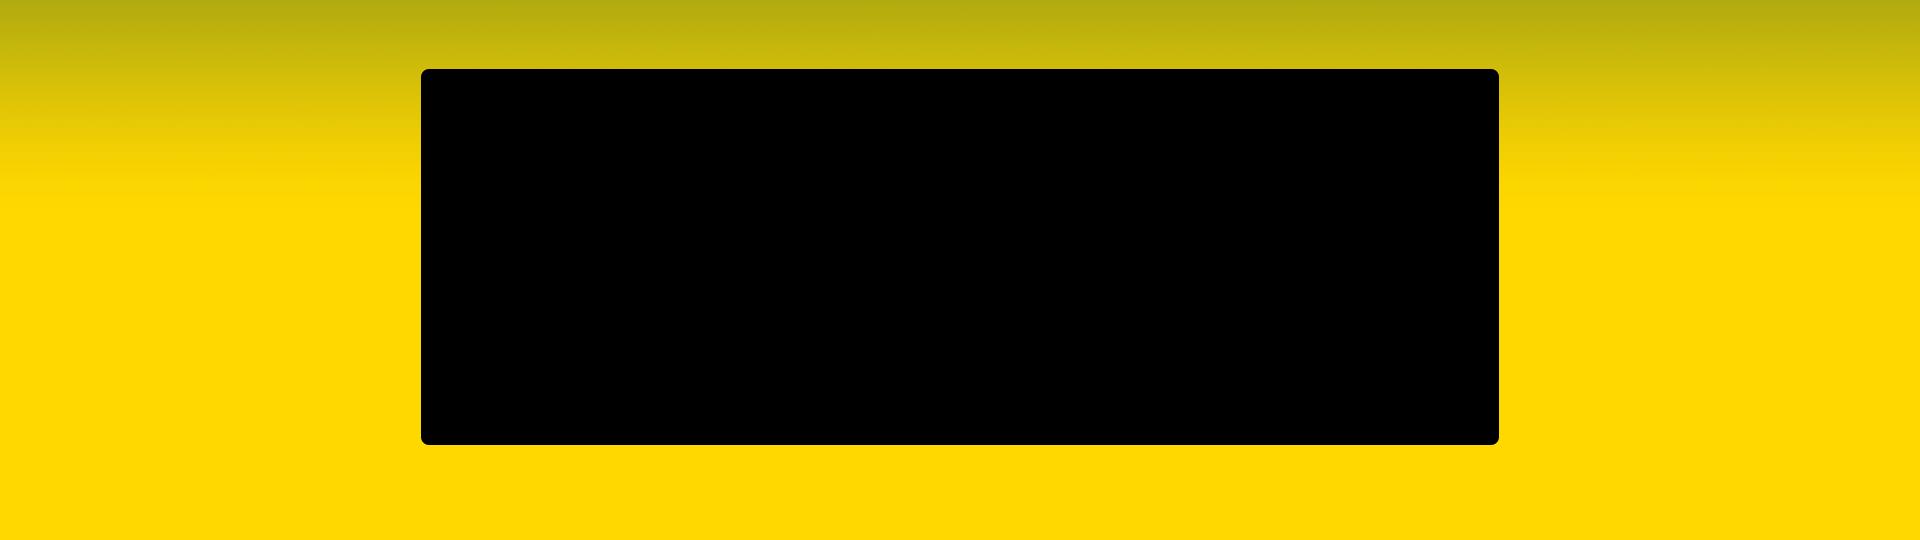 CATEGORY-ANNE-LEGOGUNUNEOZELSETLERDE25INDIRIM-13-08